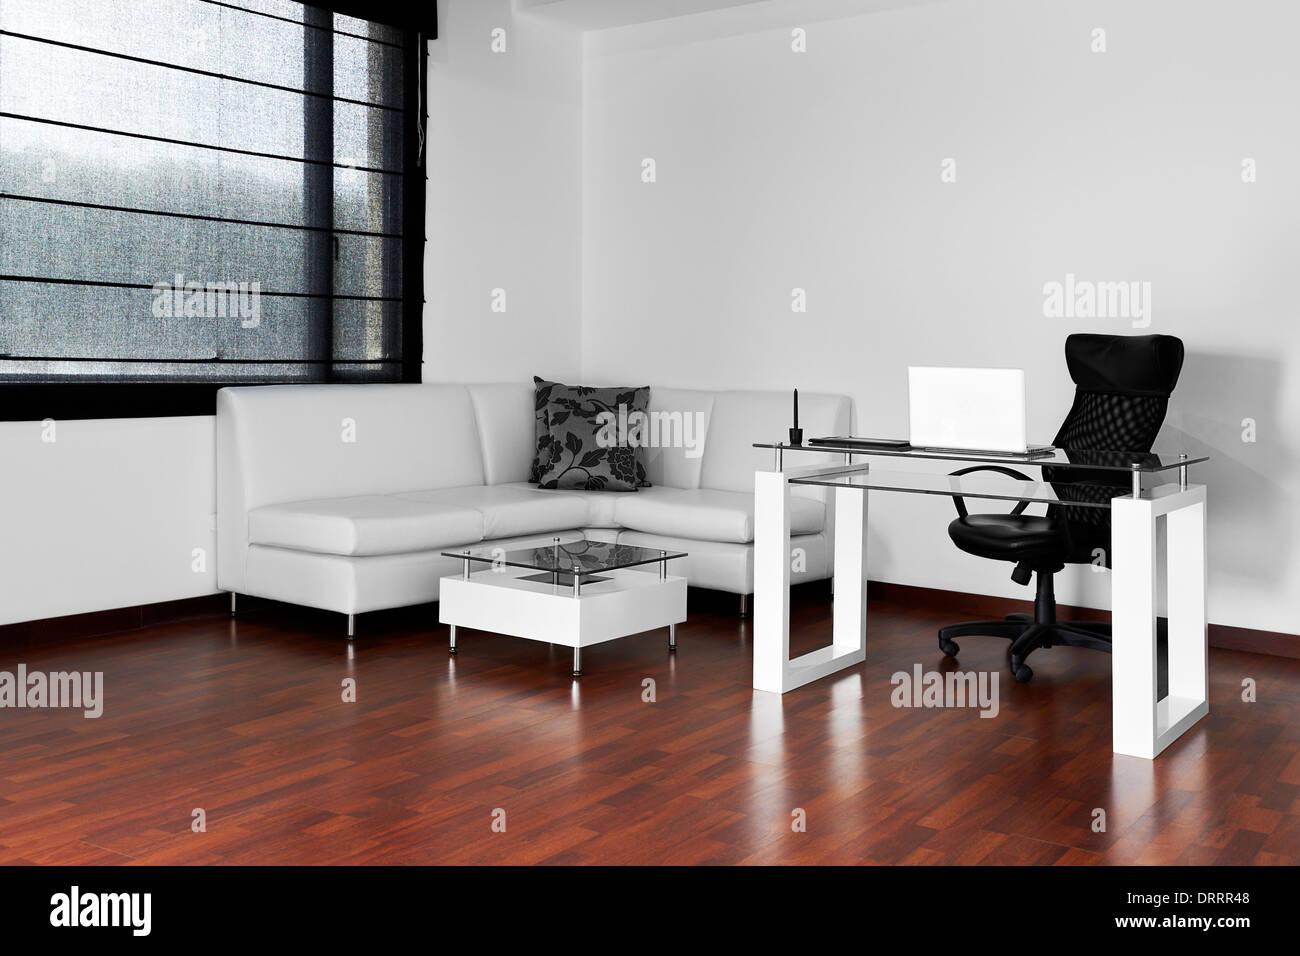 Modernes Wohnzimmer mit Schreibtisch und Stuhl Stockfoto ...